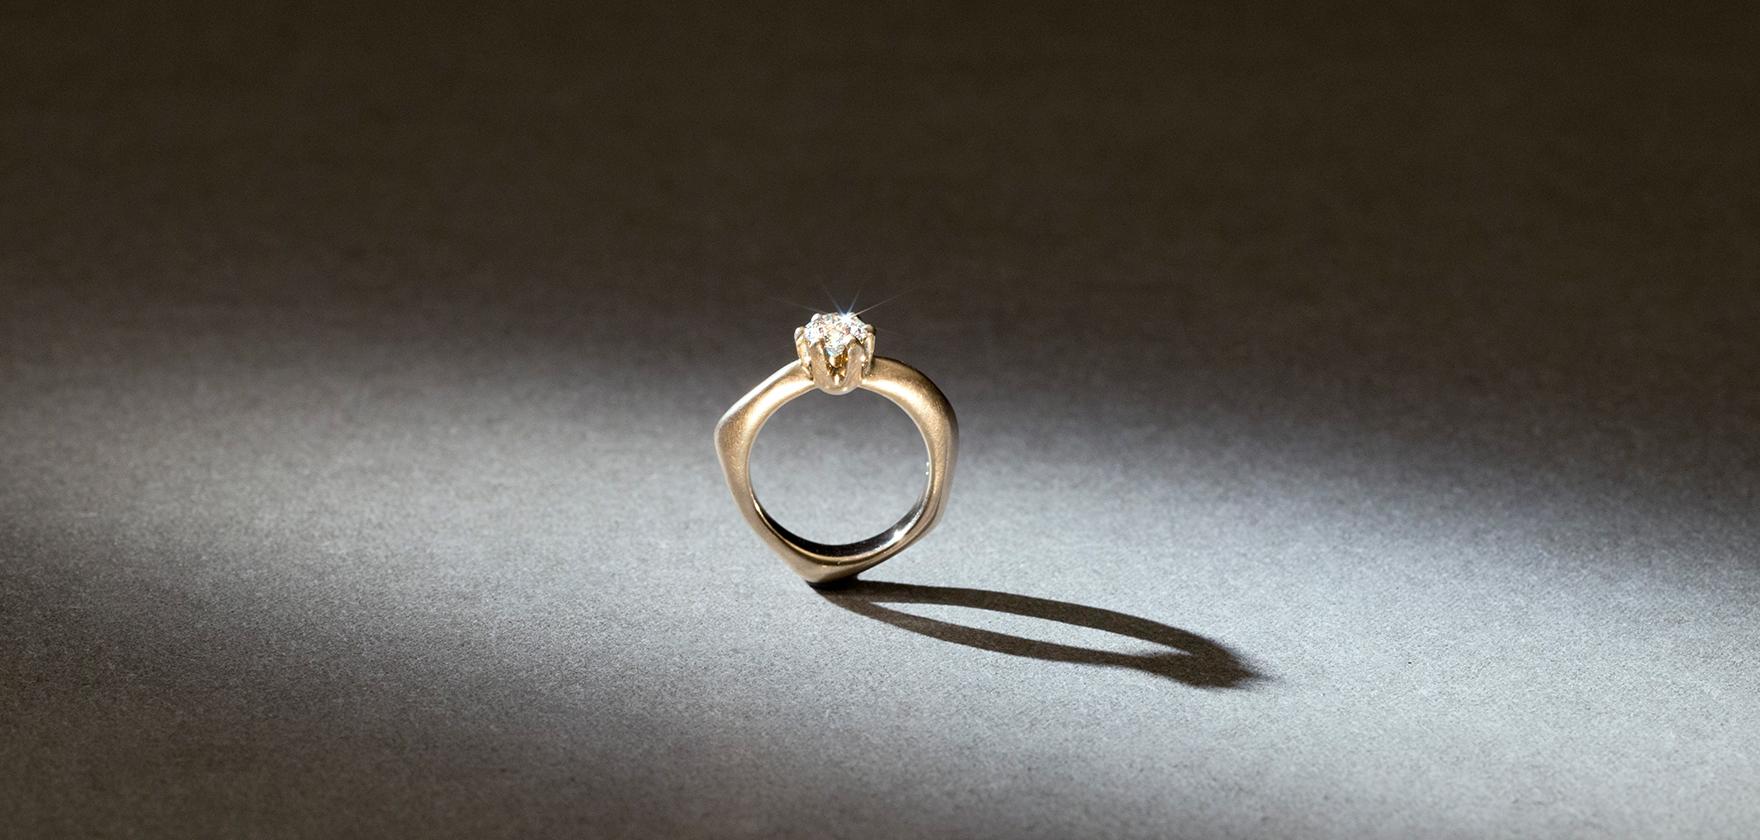 SKREIN* Verlobungsringe & Diamantringe aus Fairem Gold – Wien